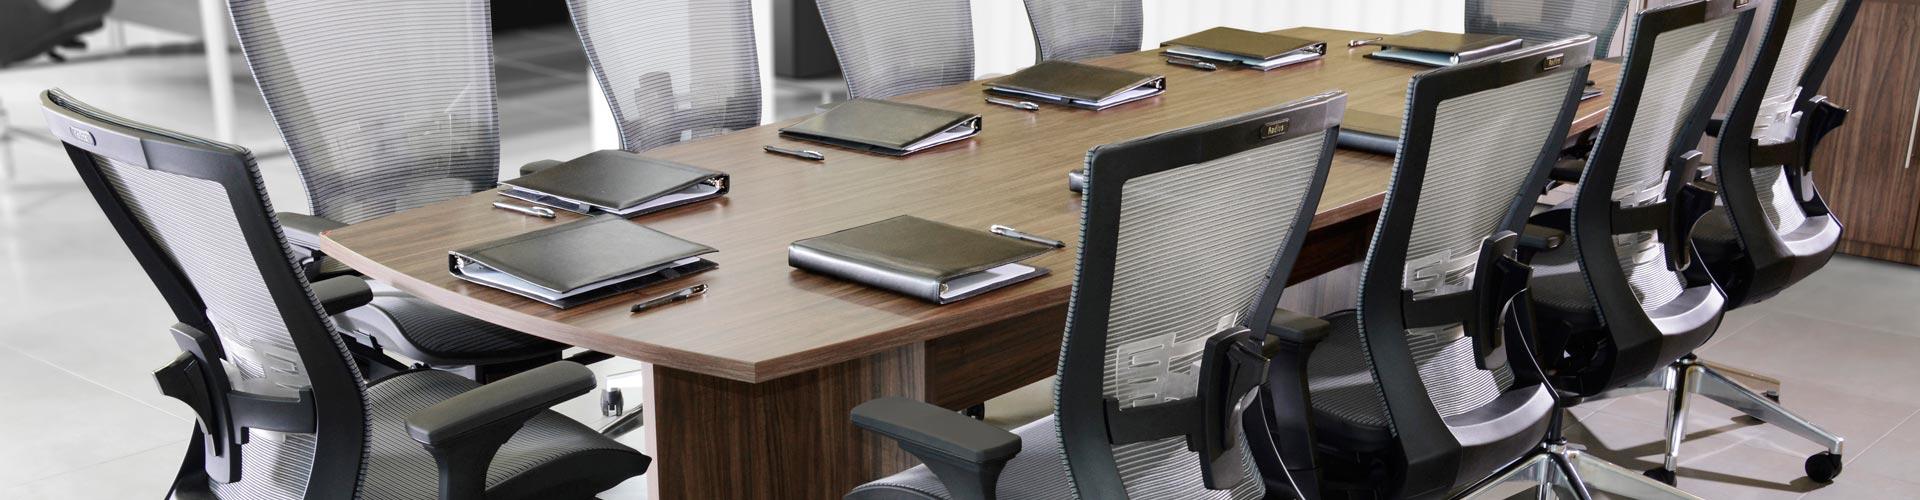 Muebles para oficina df muebles para oficina en m xico for Muebles de oficina concepto